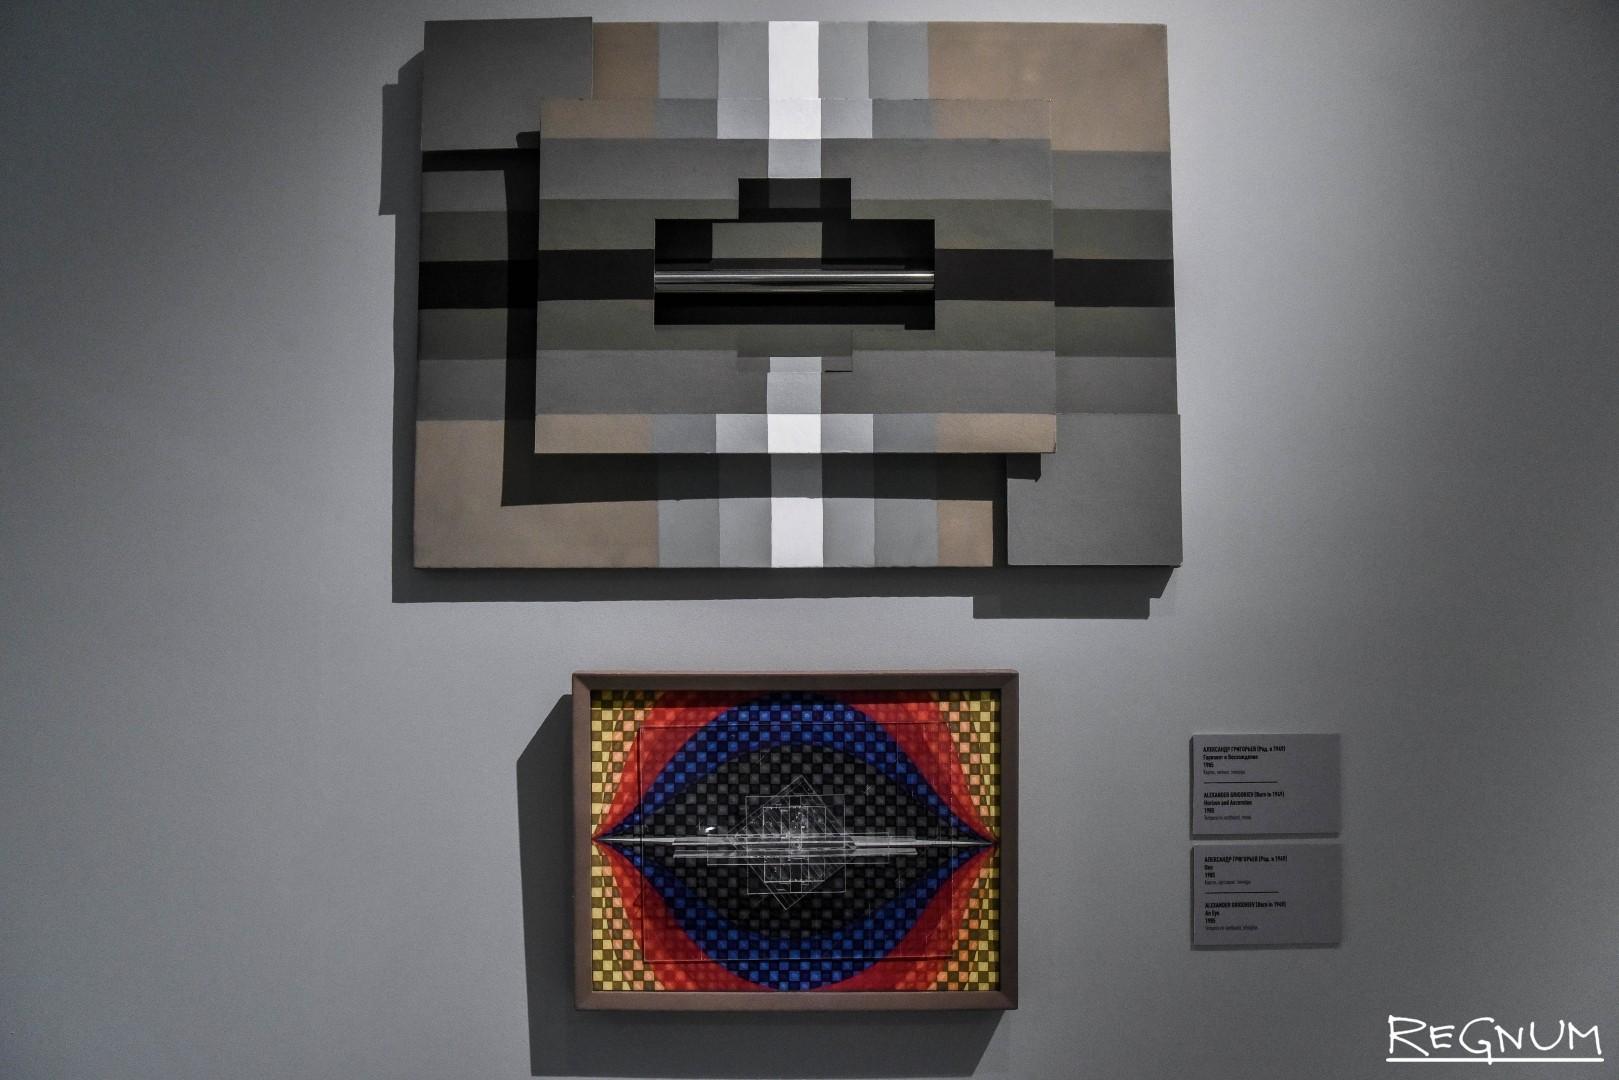 Работы Александра Григорьева «Горизонт и восхождение» и «Око», 1985 год